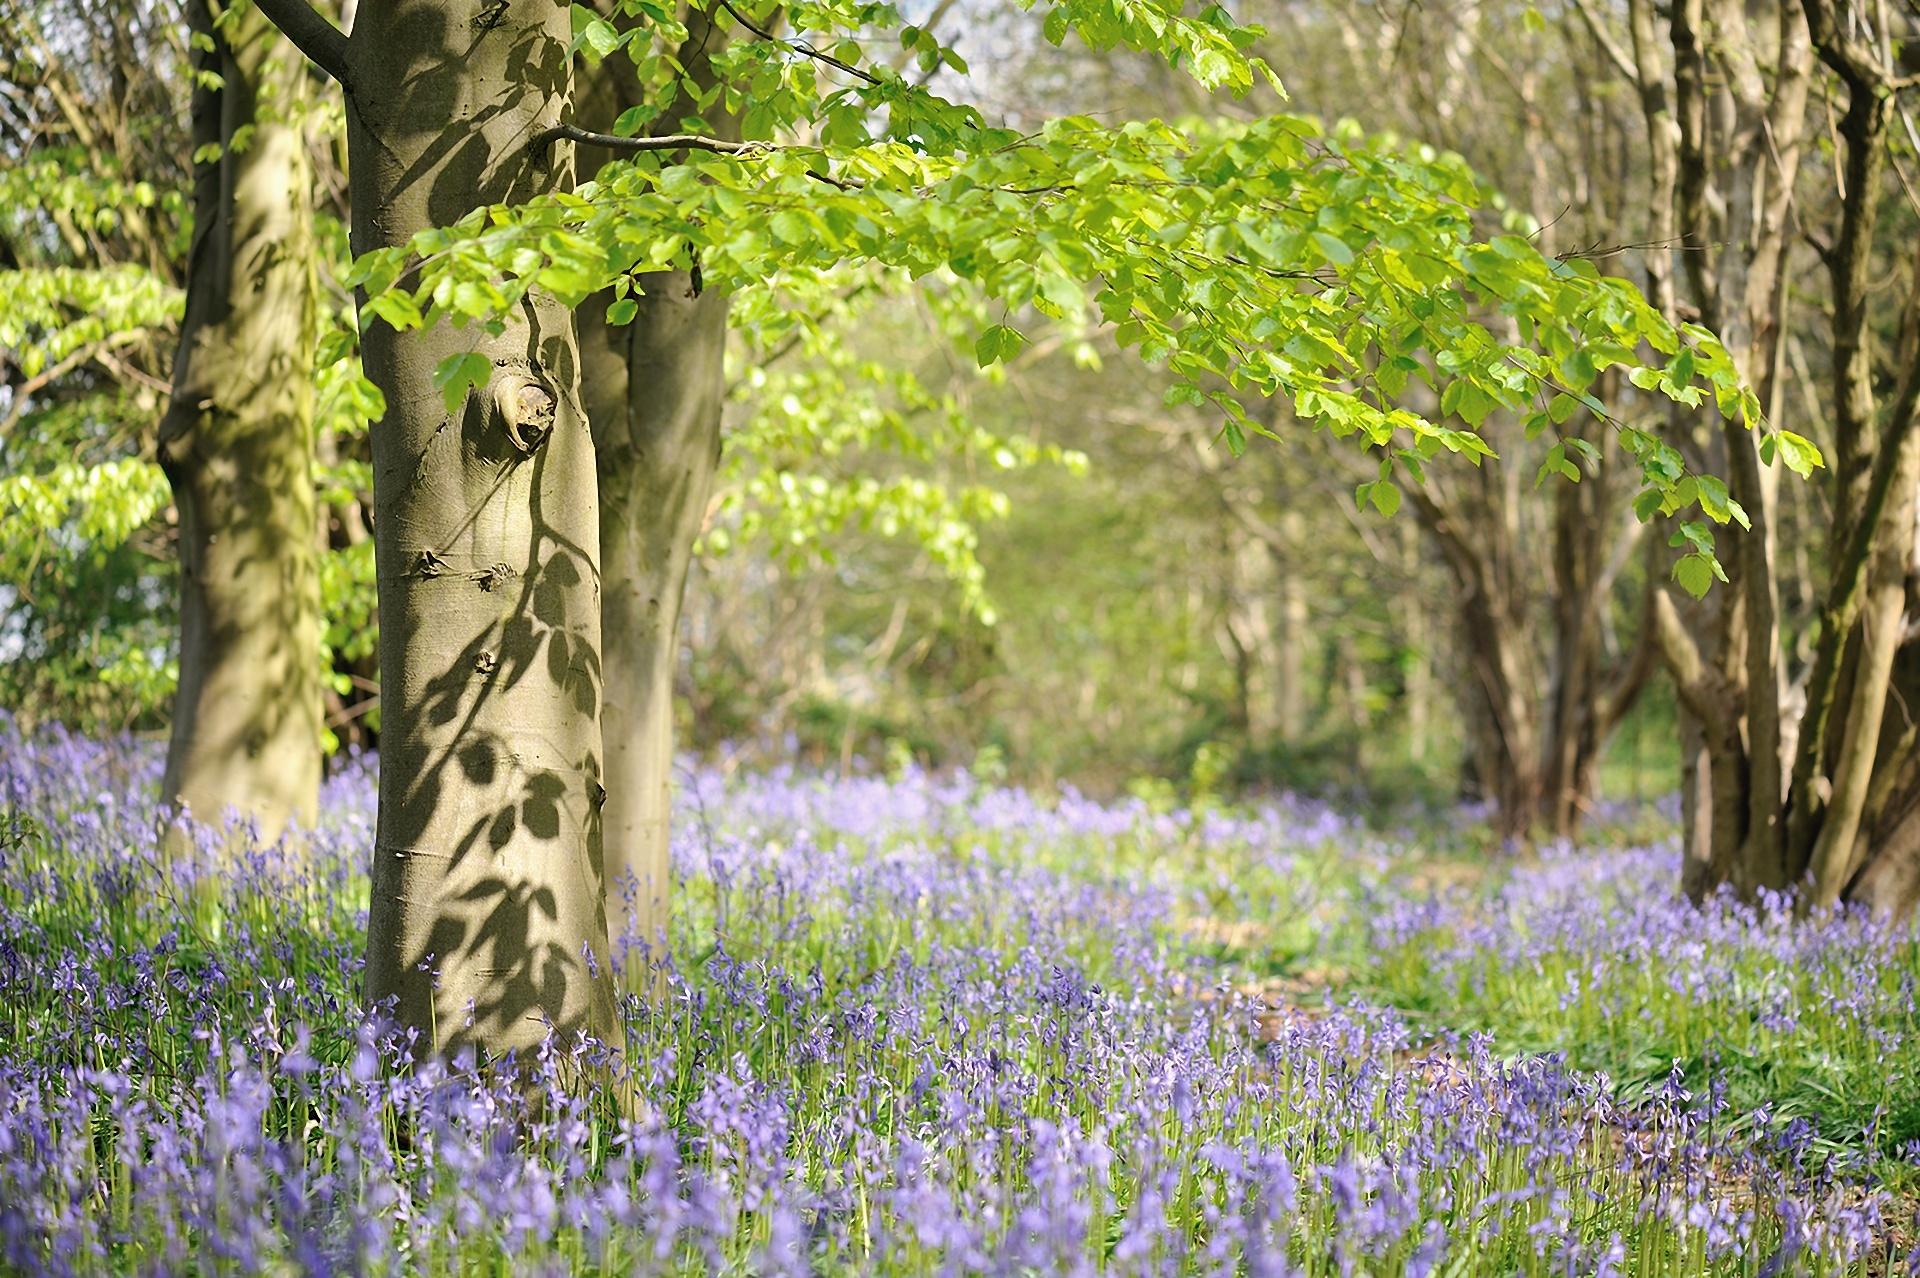 Landscape trees flowers spring wallpaper 1920x1278 117192 landscape trees flowers spring wallpaper 1920x1278 117192 wallpaperup mightylinksfo